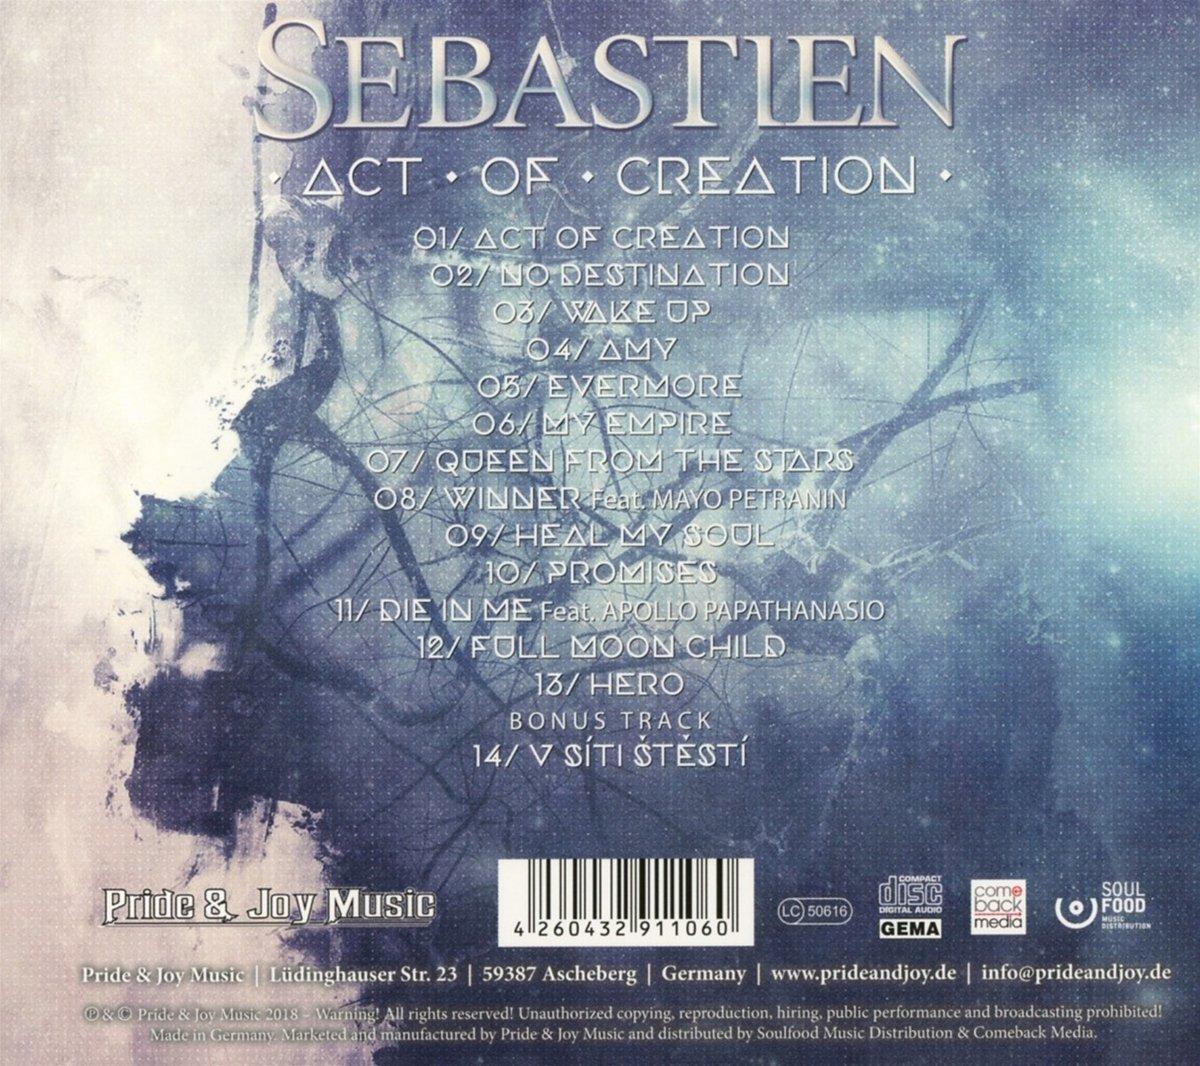 Act Of Creation   Sebastien: Amazon.de: Musik